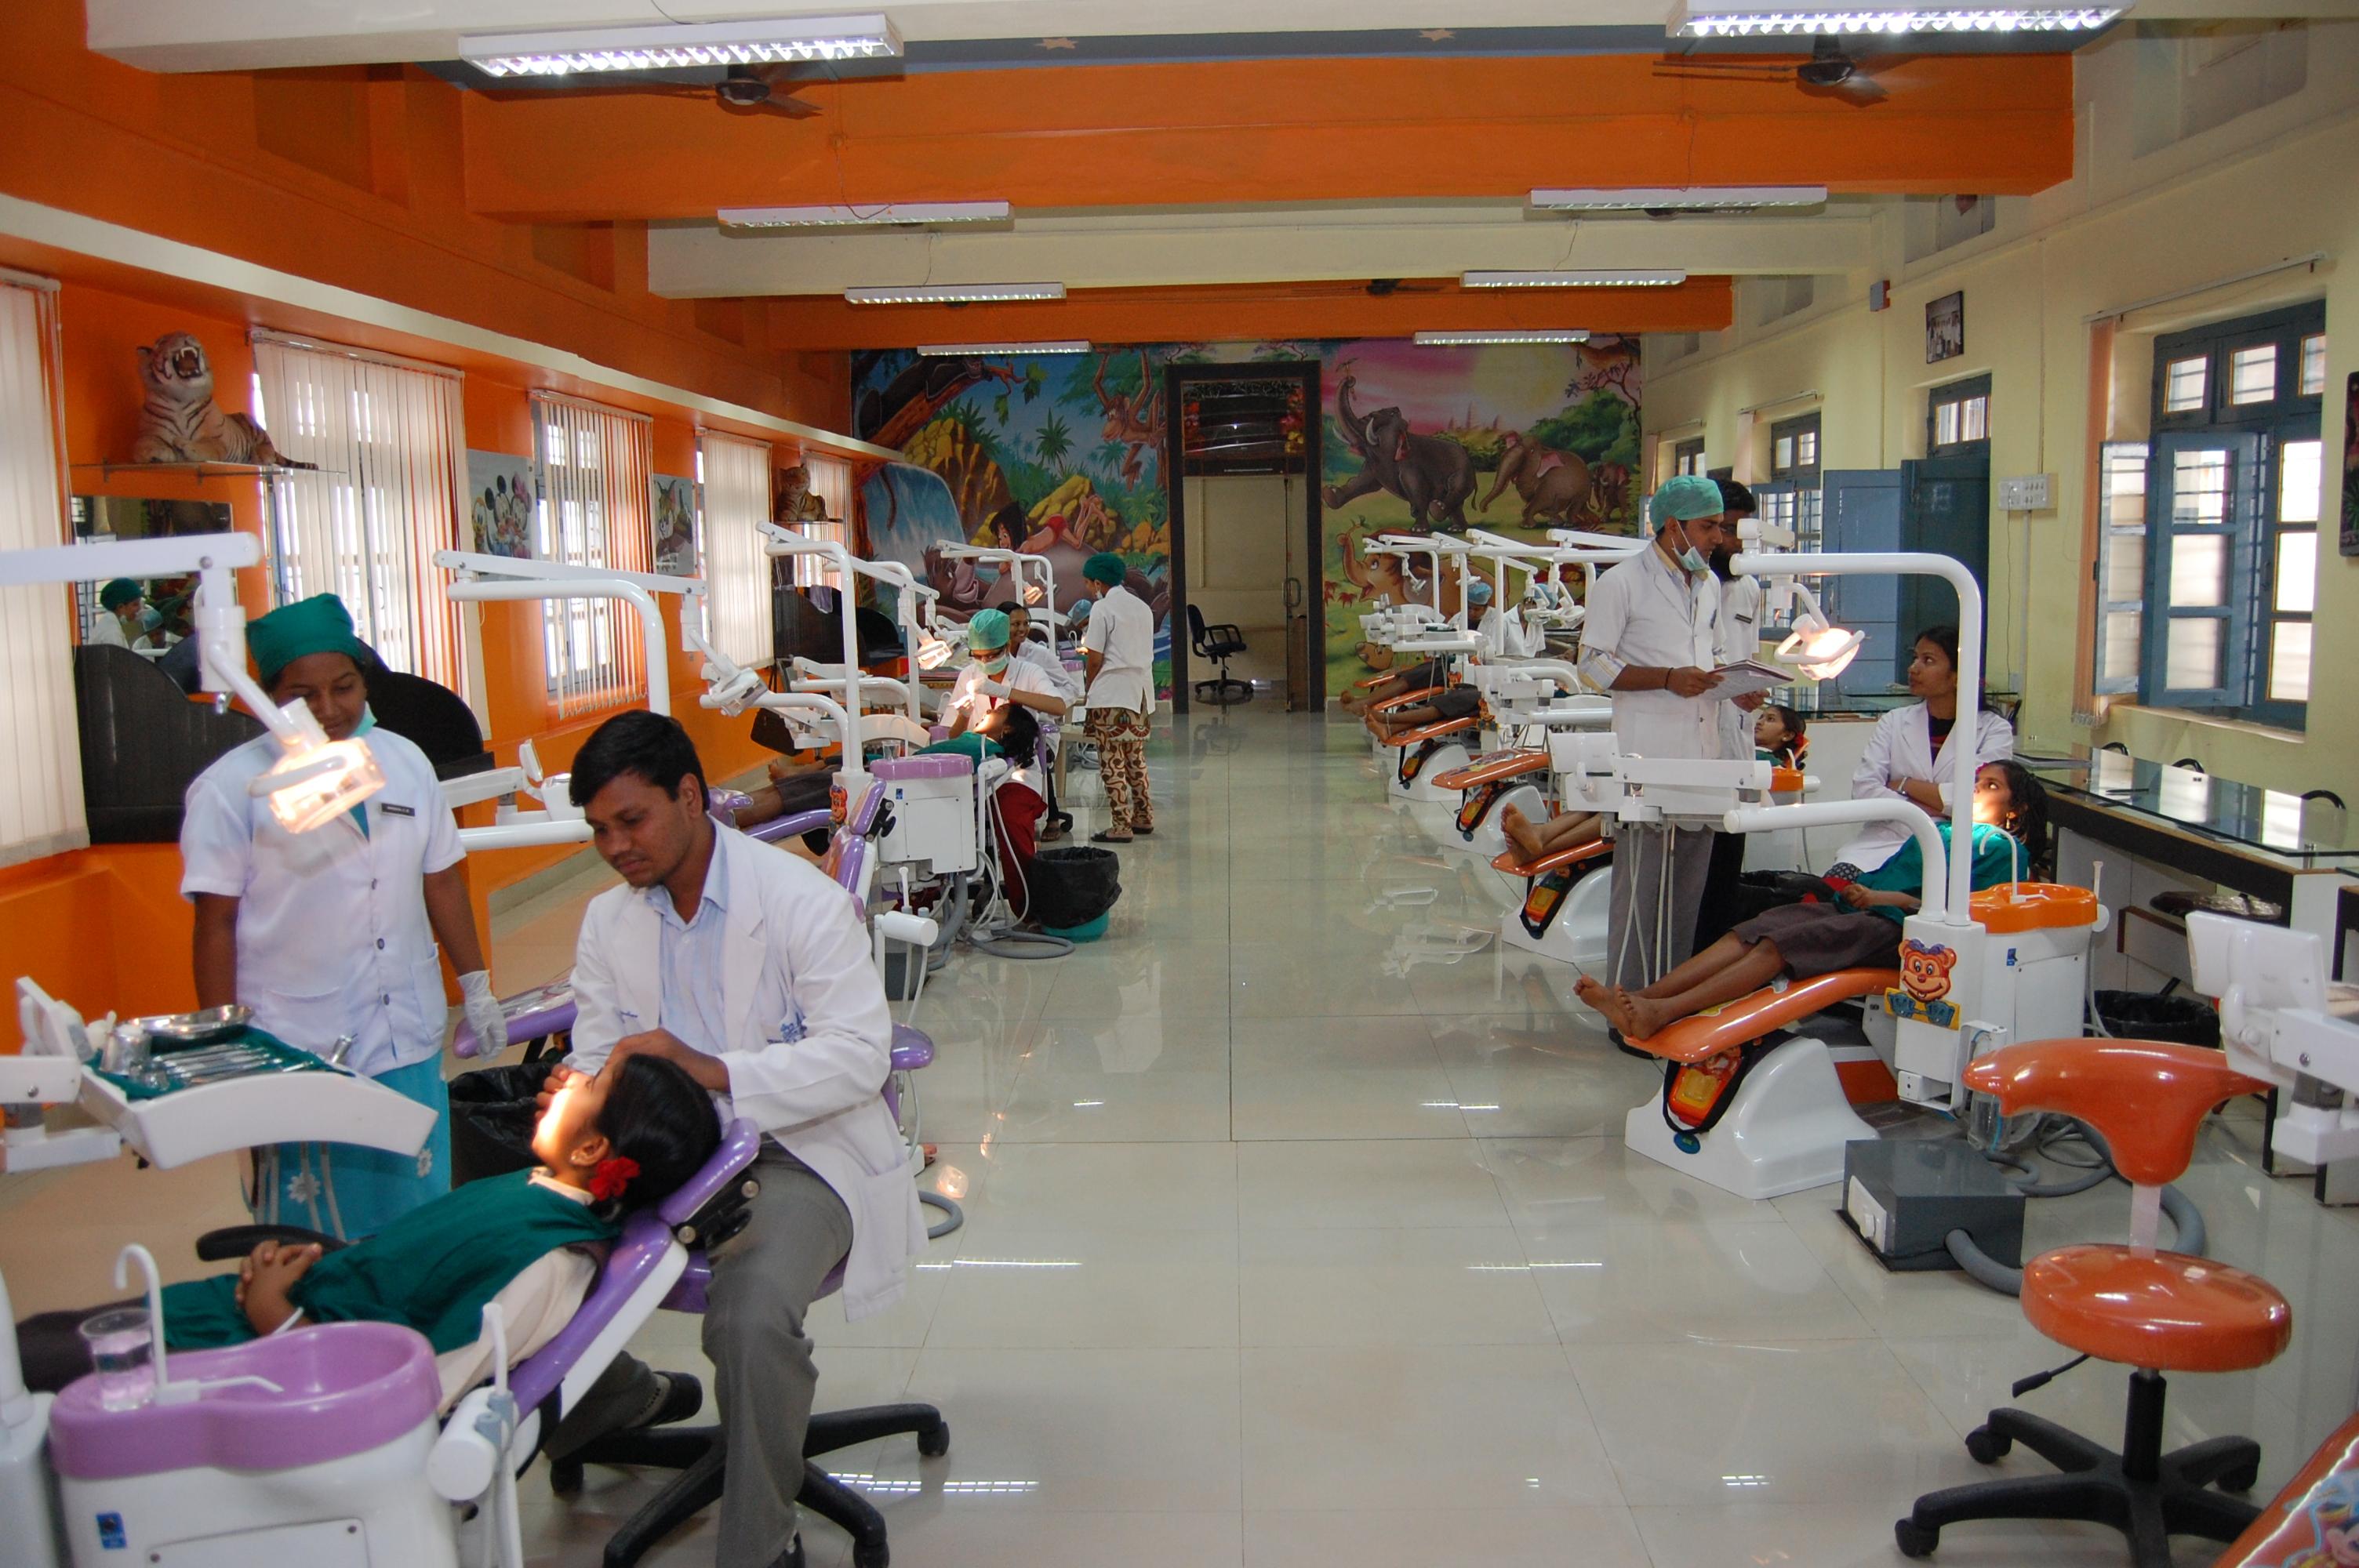 P.m.nadagouda Memorial Dental College & Hospital, Bagalkot Bagalkot